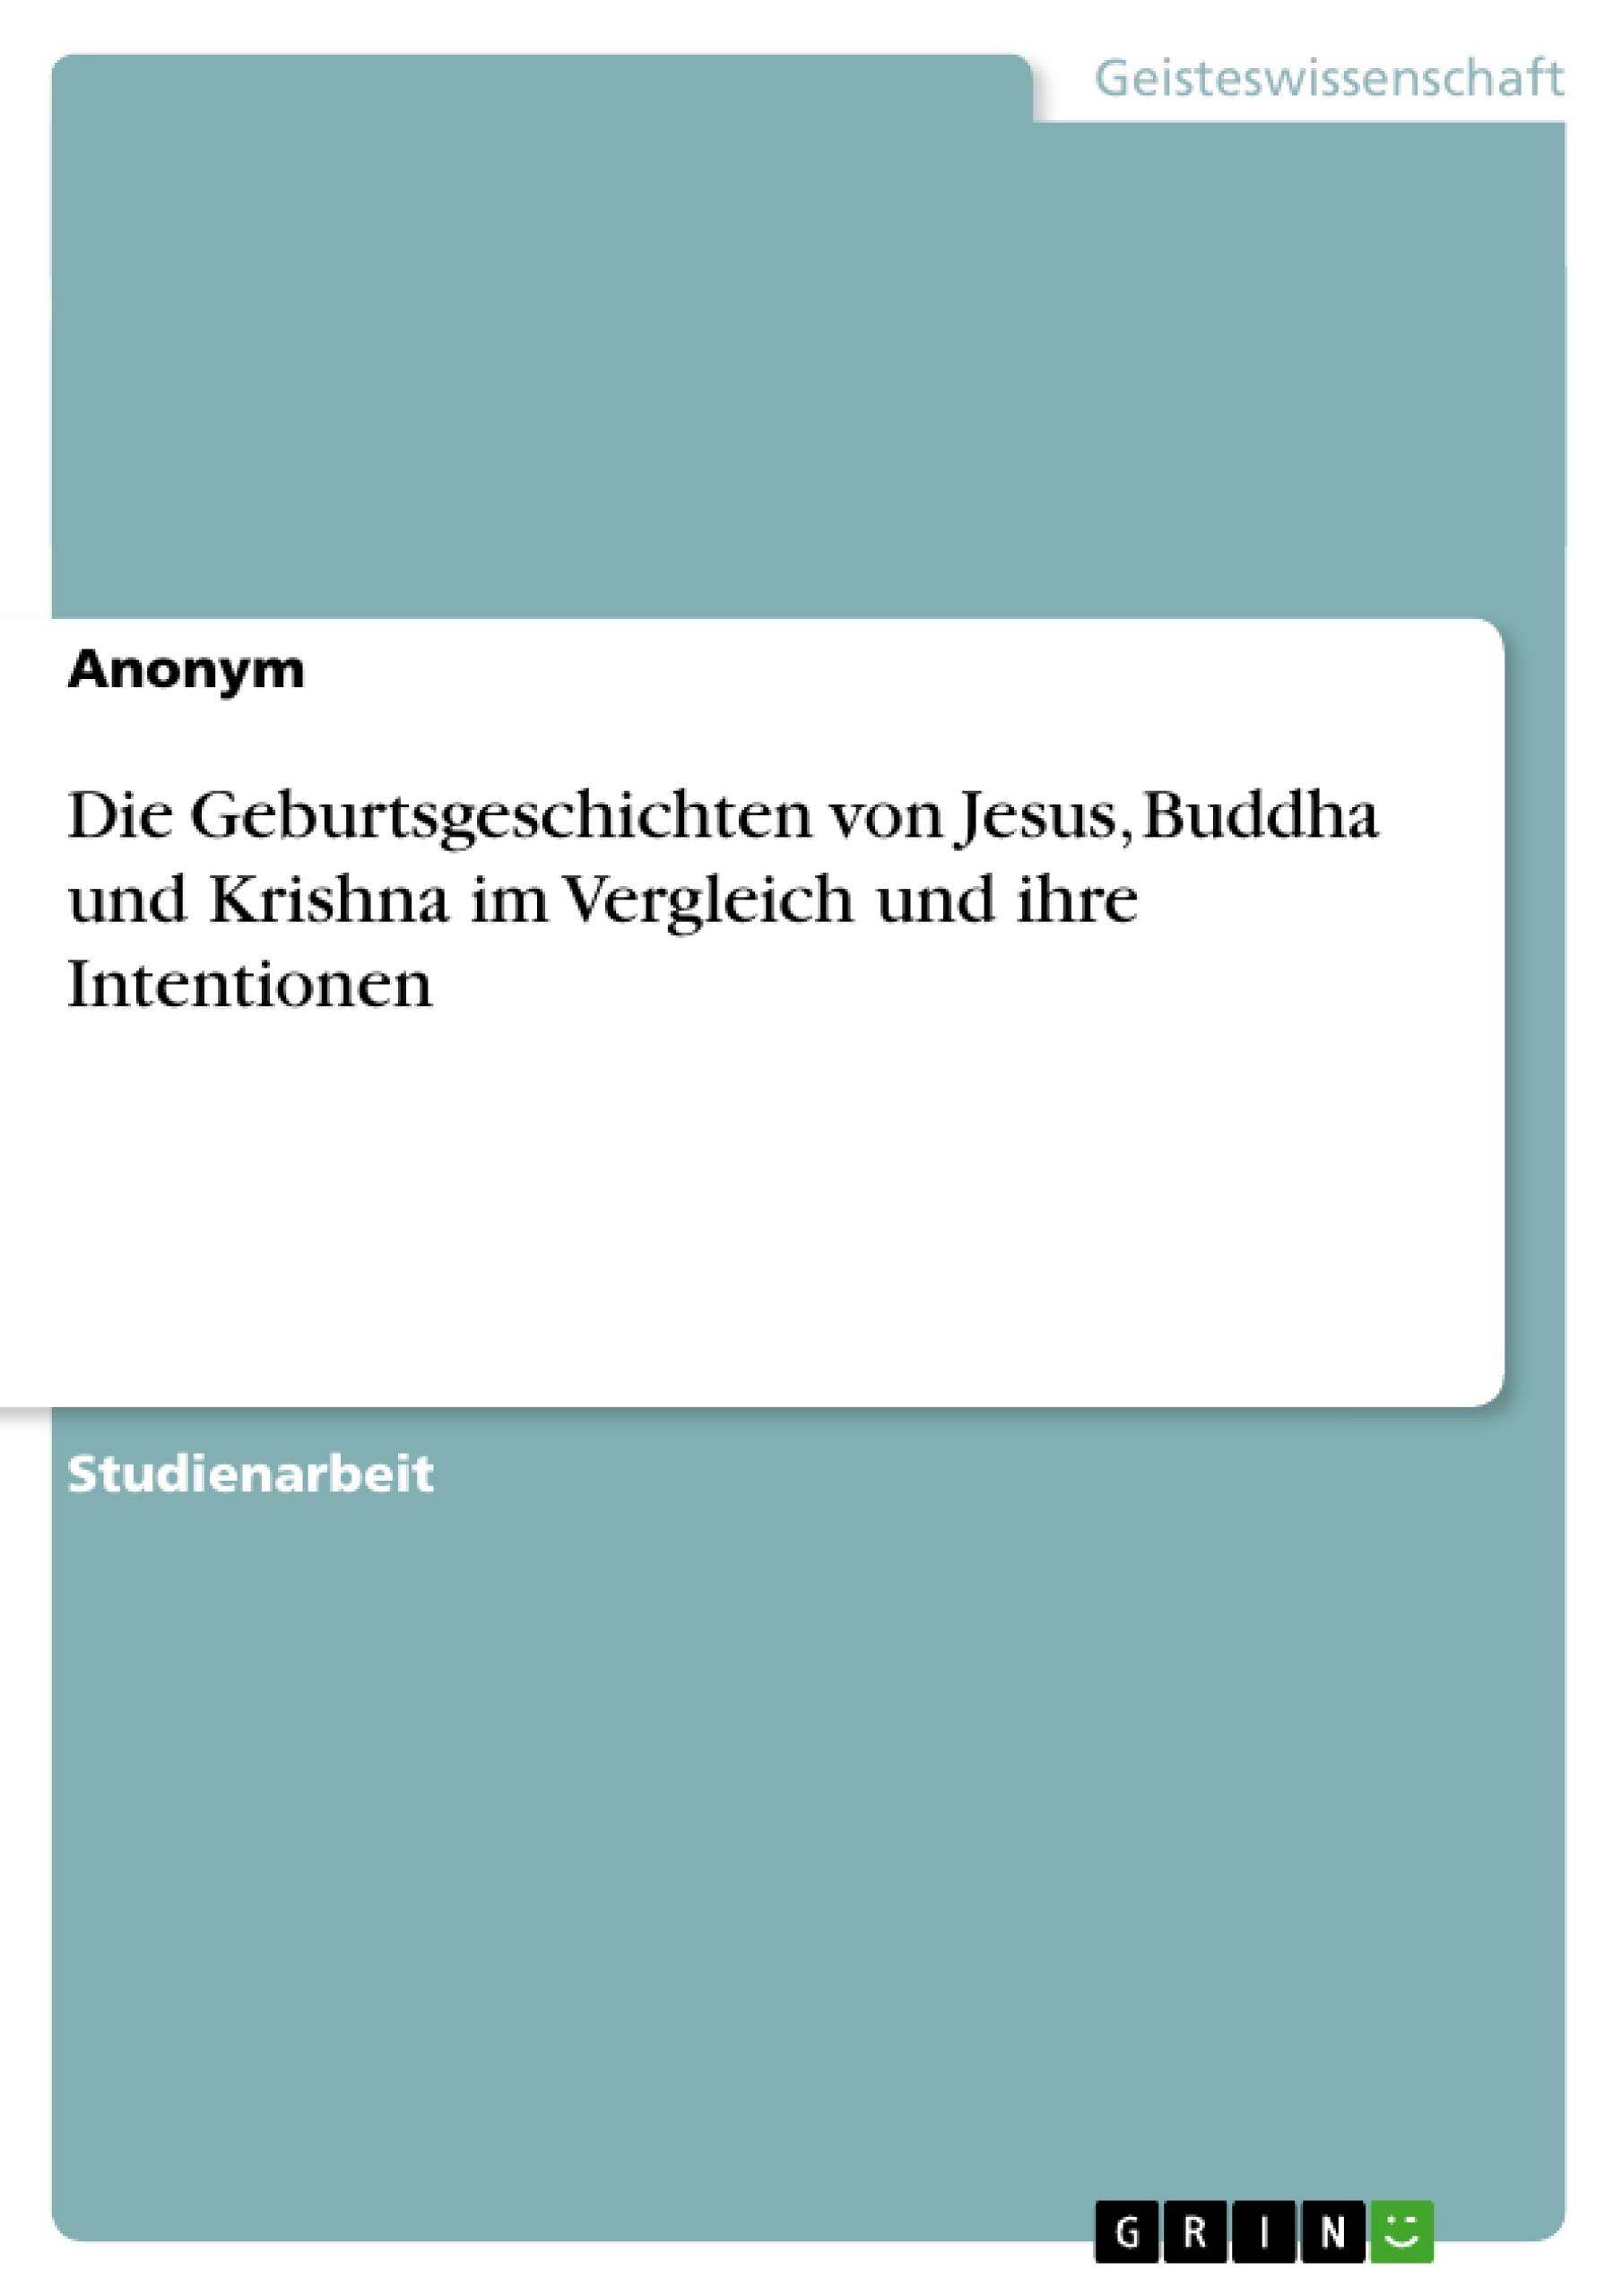 Titel: Die Geburtsgeschichten von Jesus, Buddha und Krishna im Vergleich und ihre Intentionen